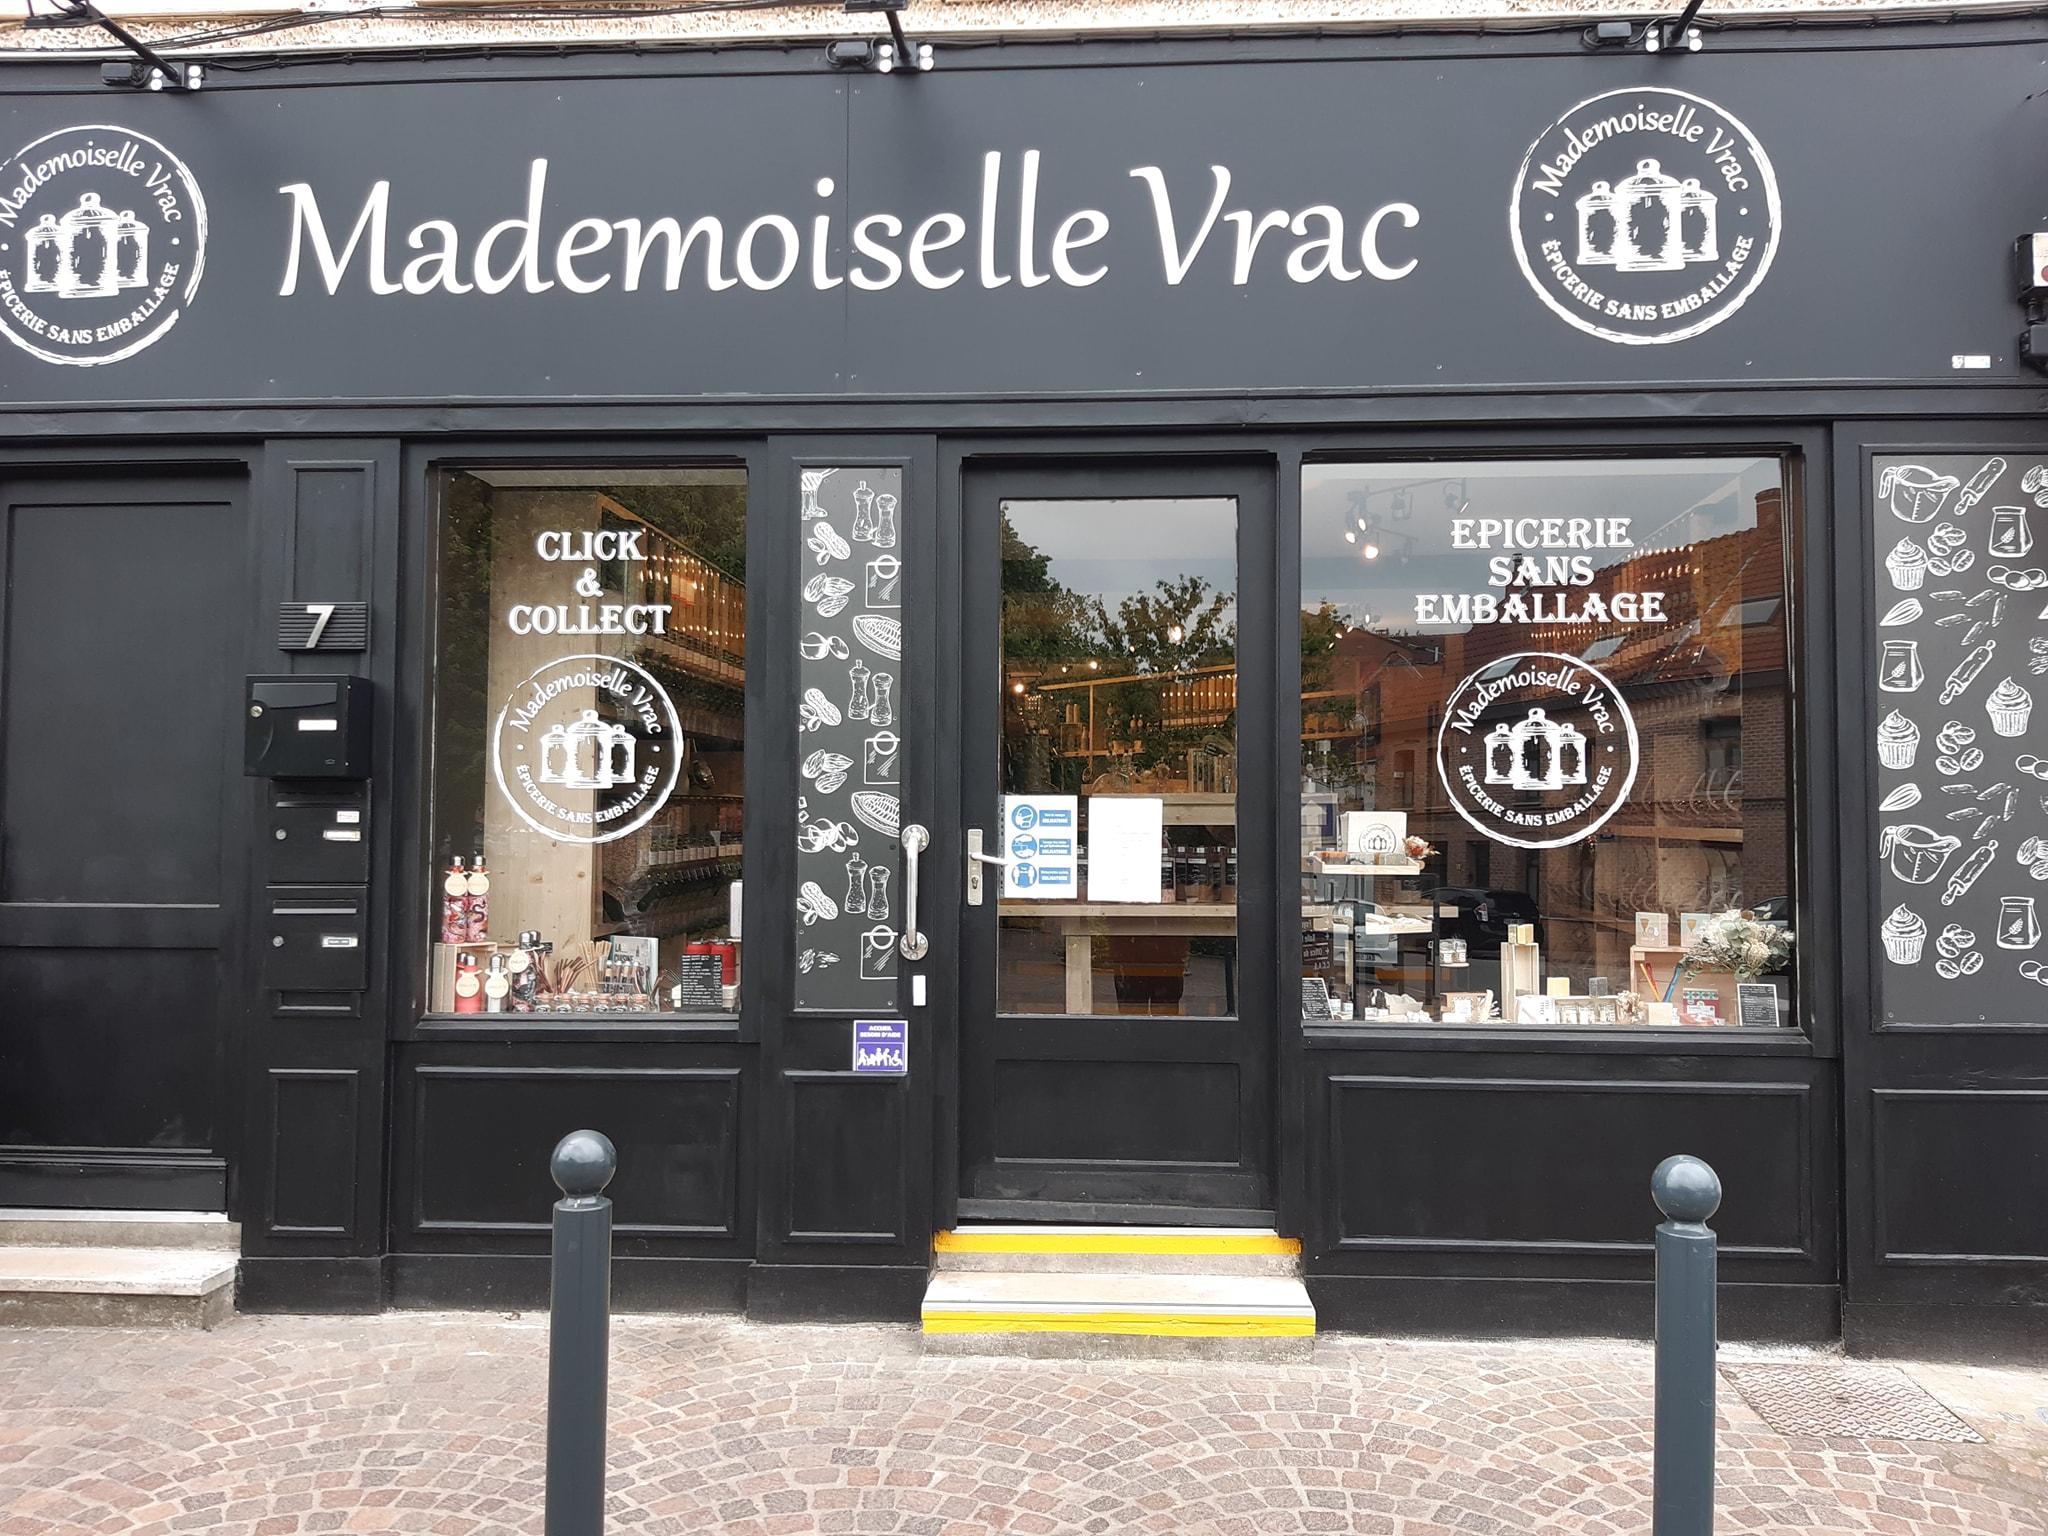 On a testé Mademoiselle Vrac – Epicerie vrac et zéro déchet à Wasquehal